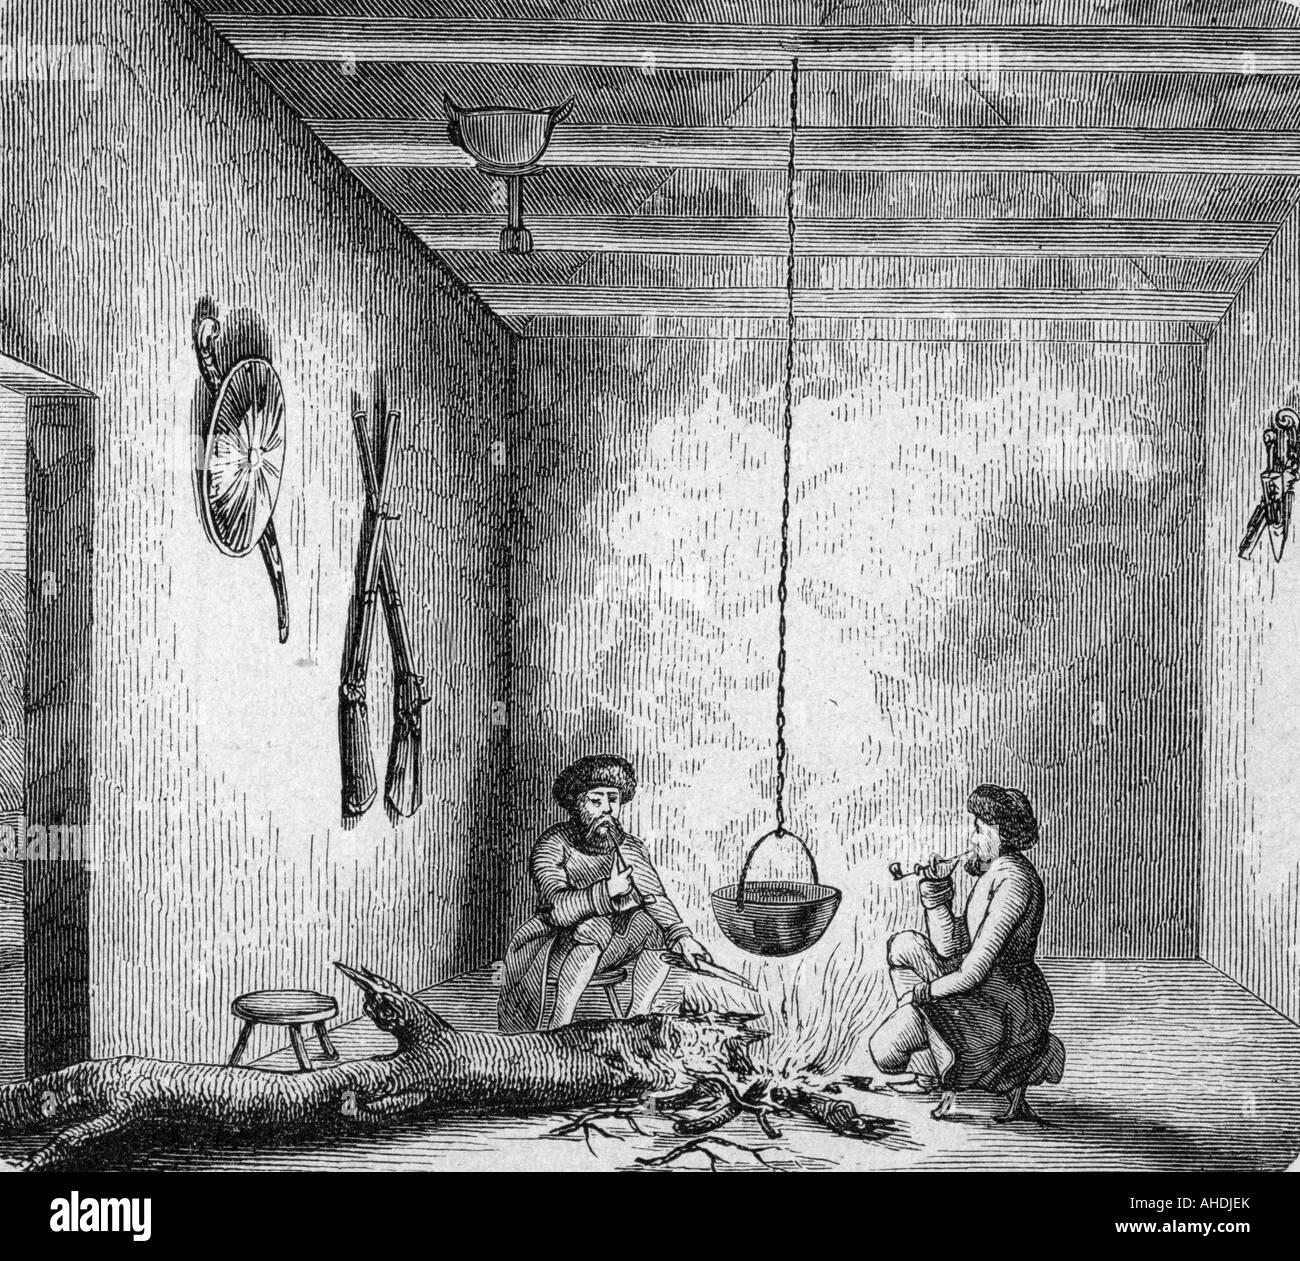 Geografie/Reisen, Russland, Menschen, Adyge in Ihrem Haus, Gravieren, 19. Jahrhundert, Cherkes, Kochen, Feuer, Topf, Stockbild